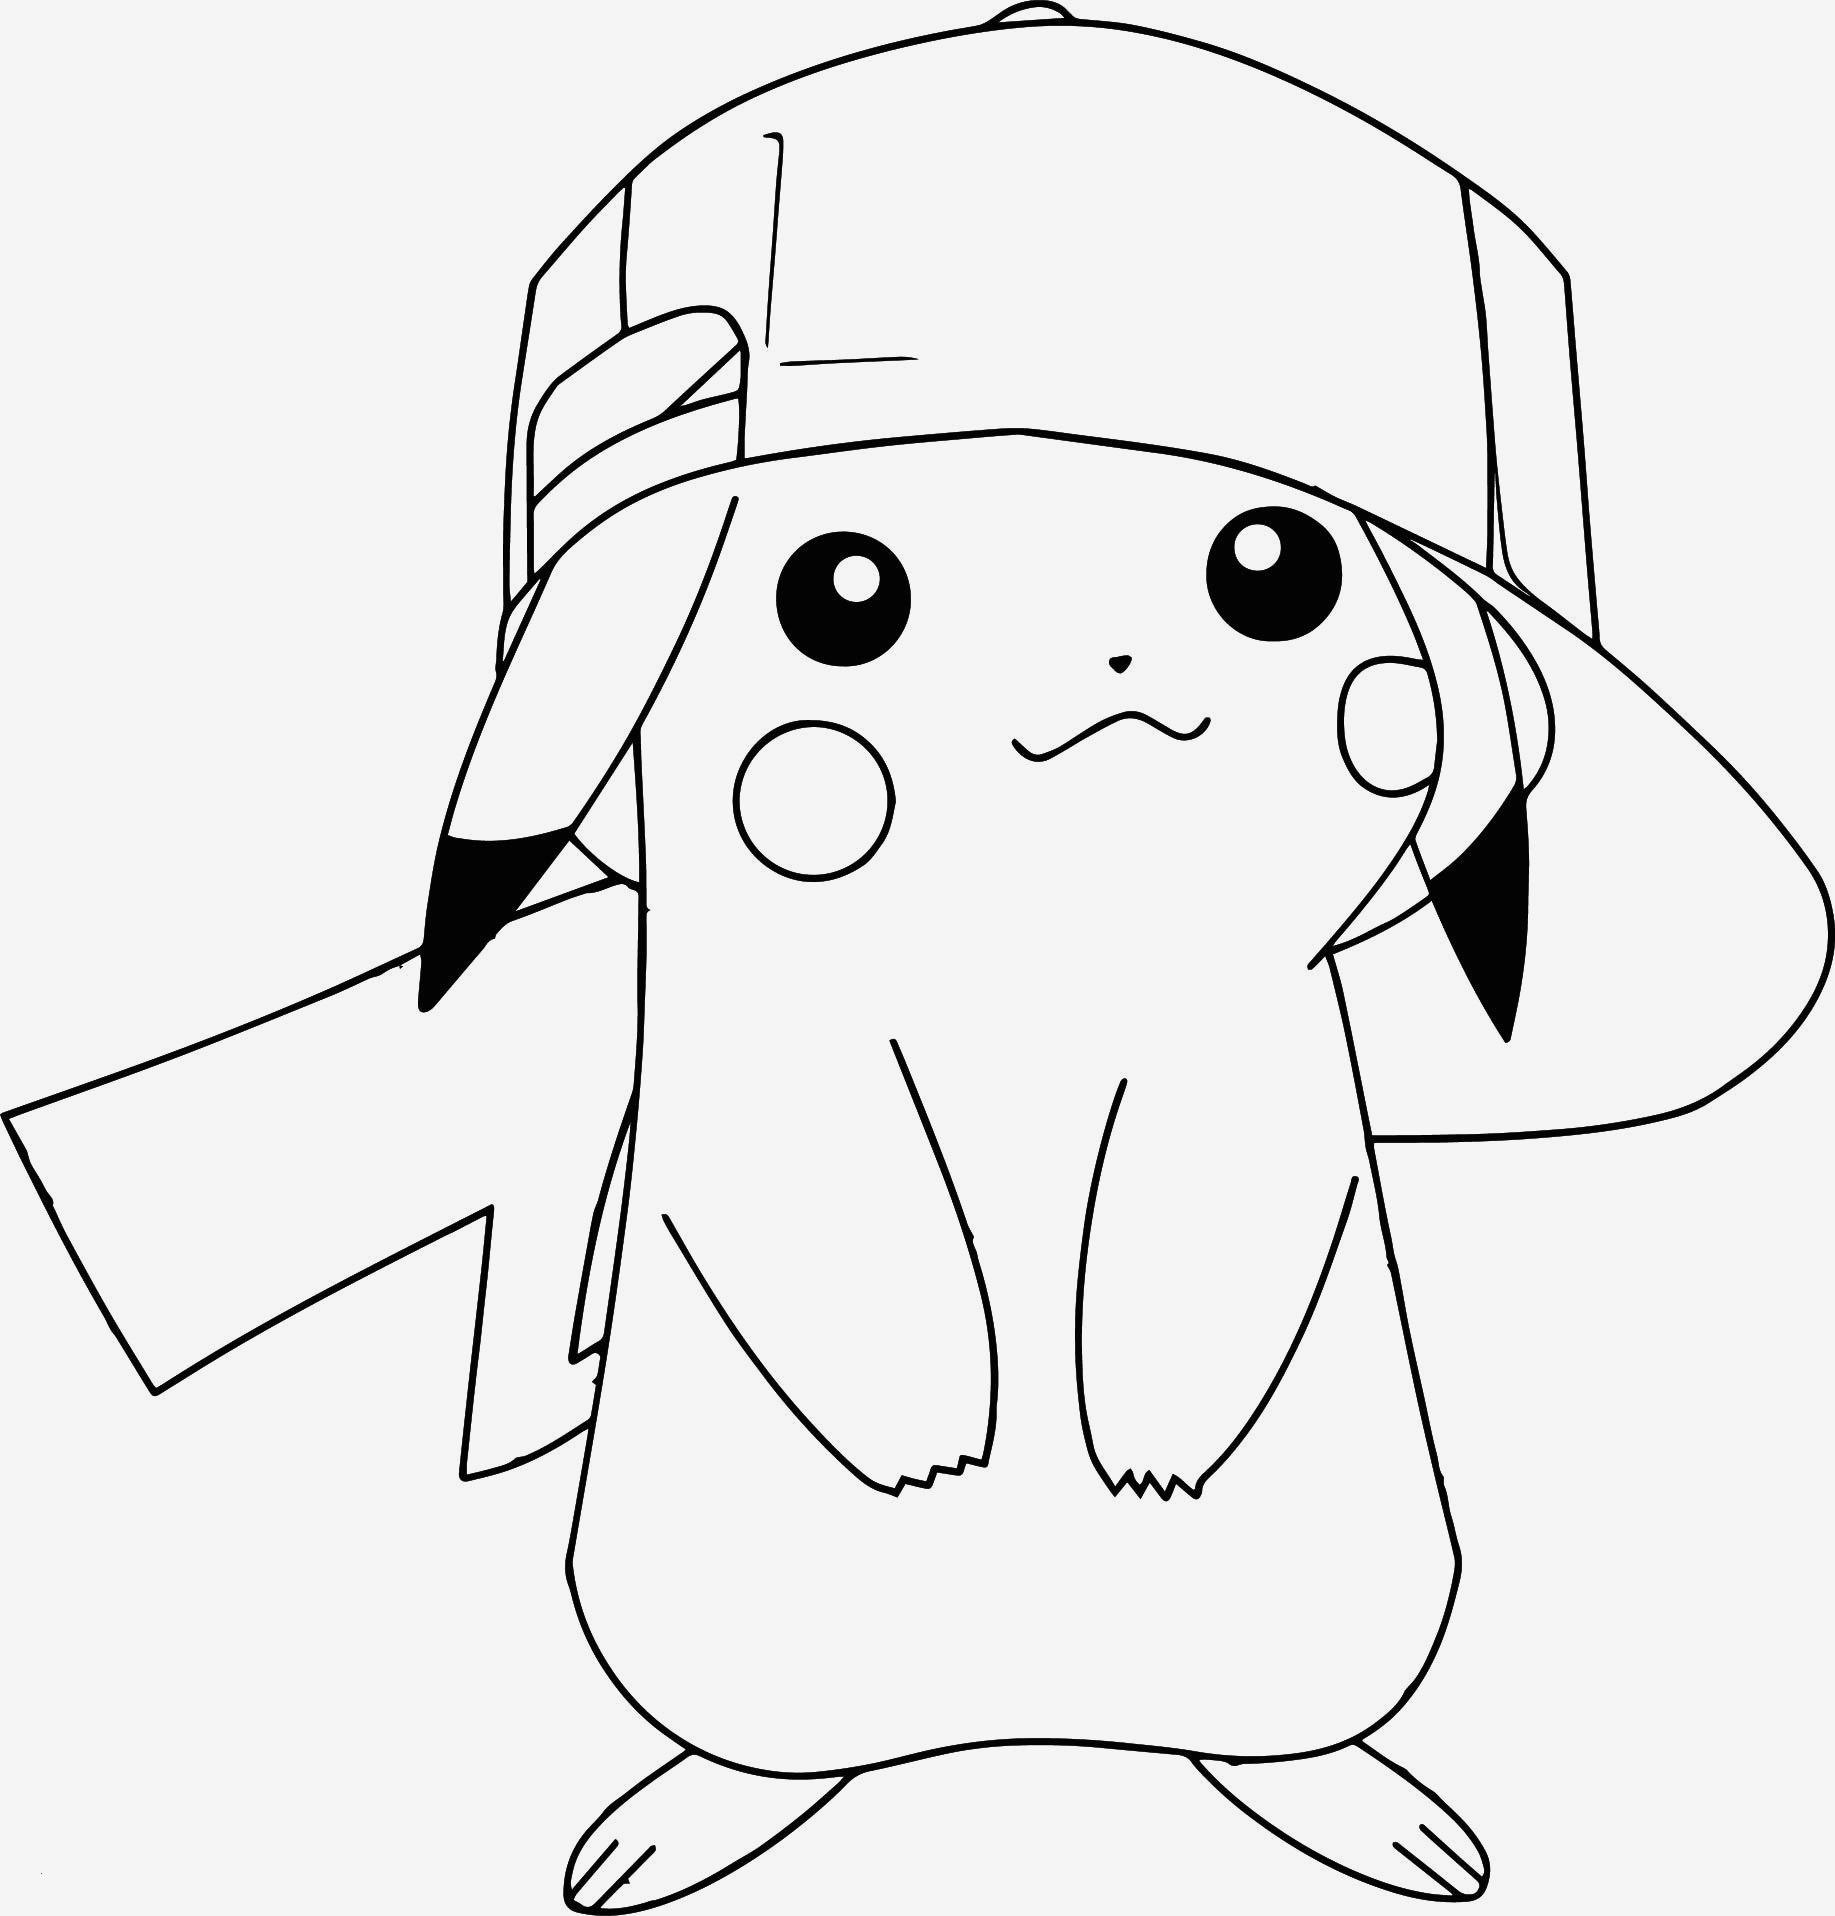 Pokemon Bilder Zum Ausmalen Genial Spannende Coloring Bilder Ausmalbild Pokemon Bilder